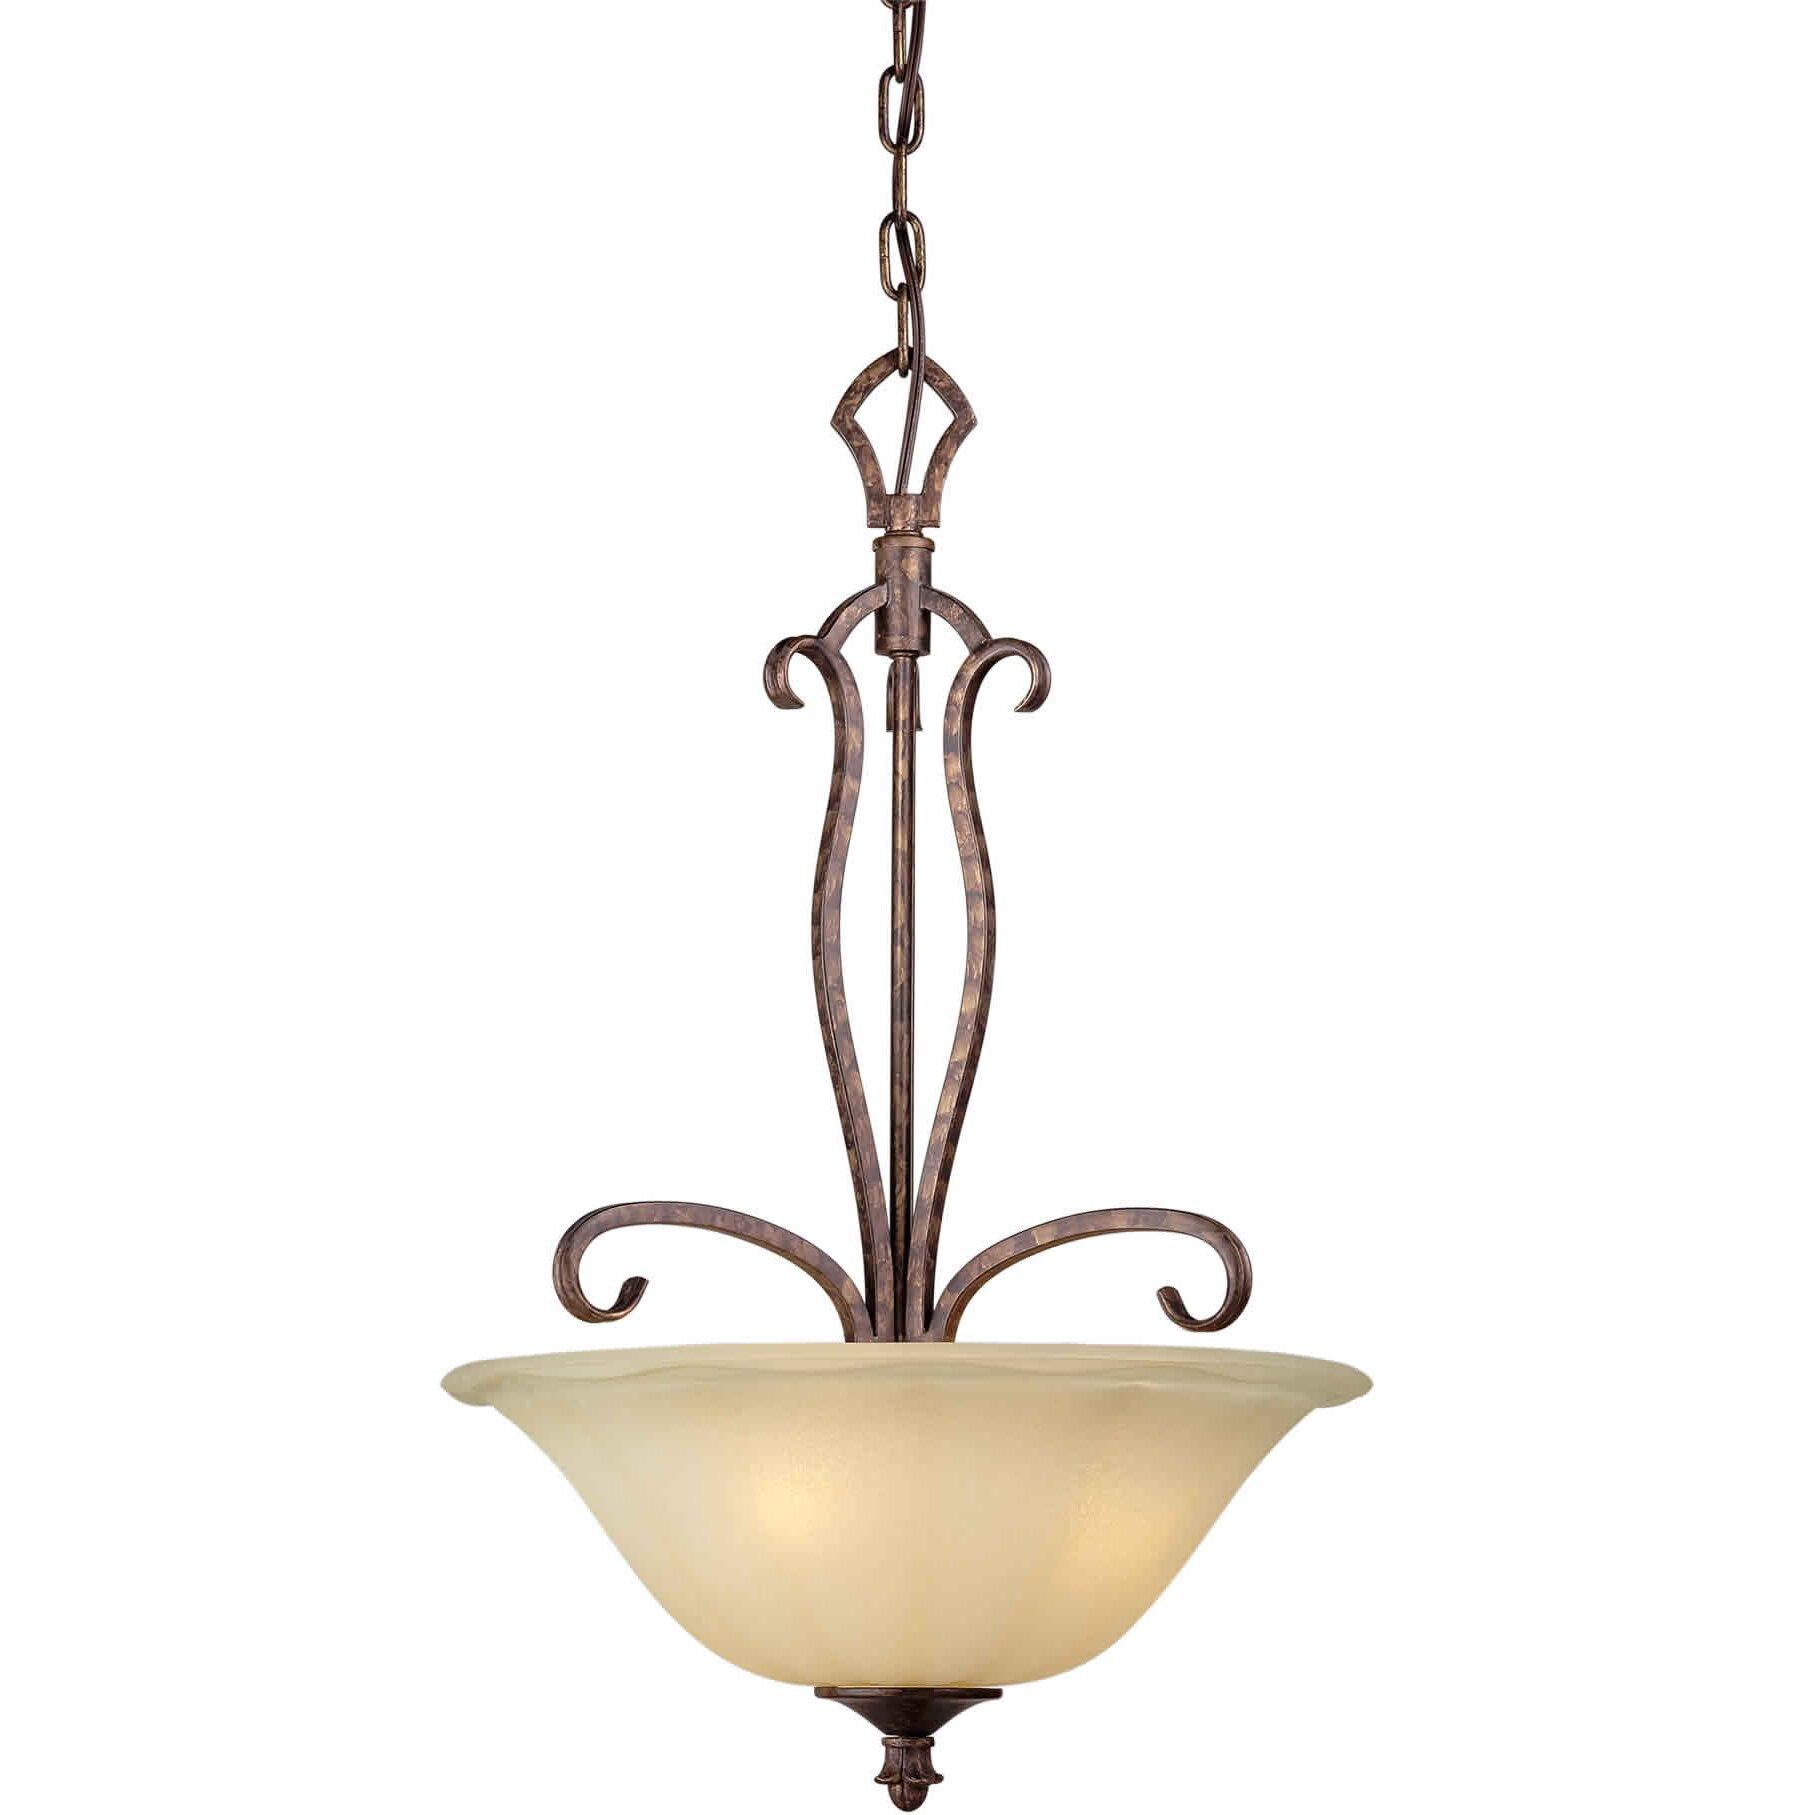 light bowl inverted pendant by forte lighting. Black Bedroom Furniture Sets. Home Design Ideas